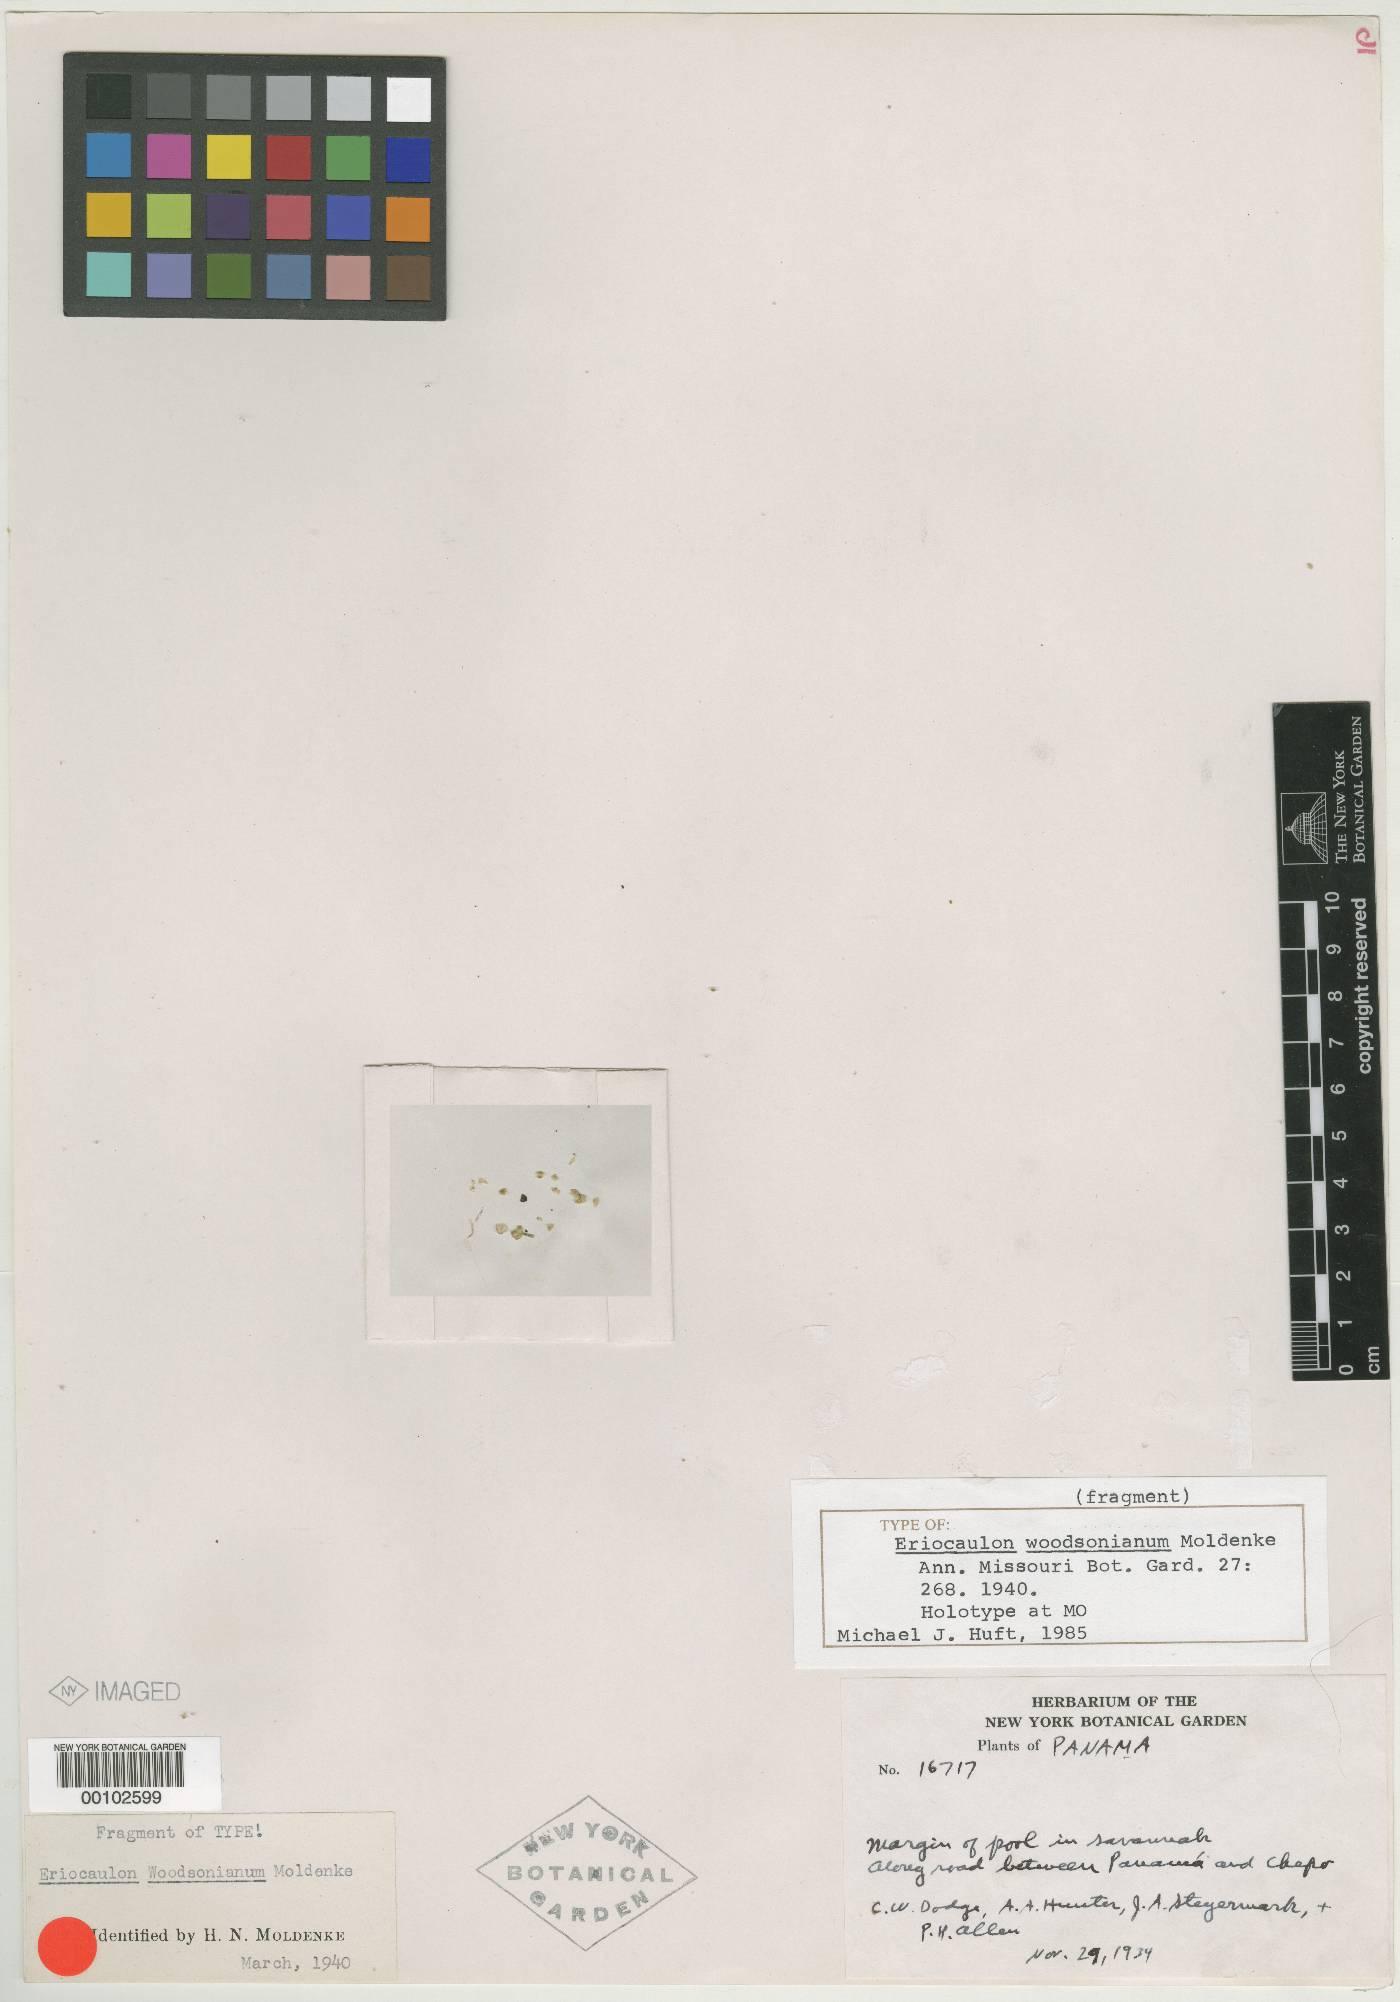 Eriocaulon woodsonianum image